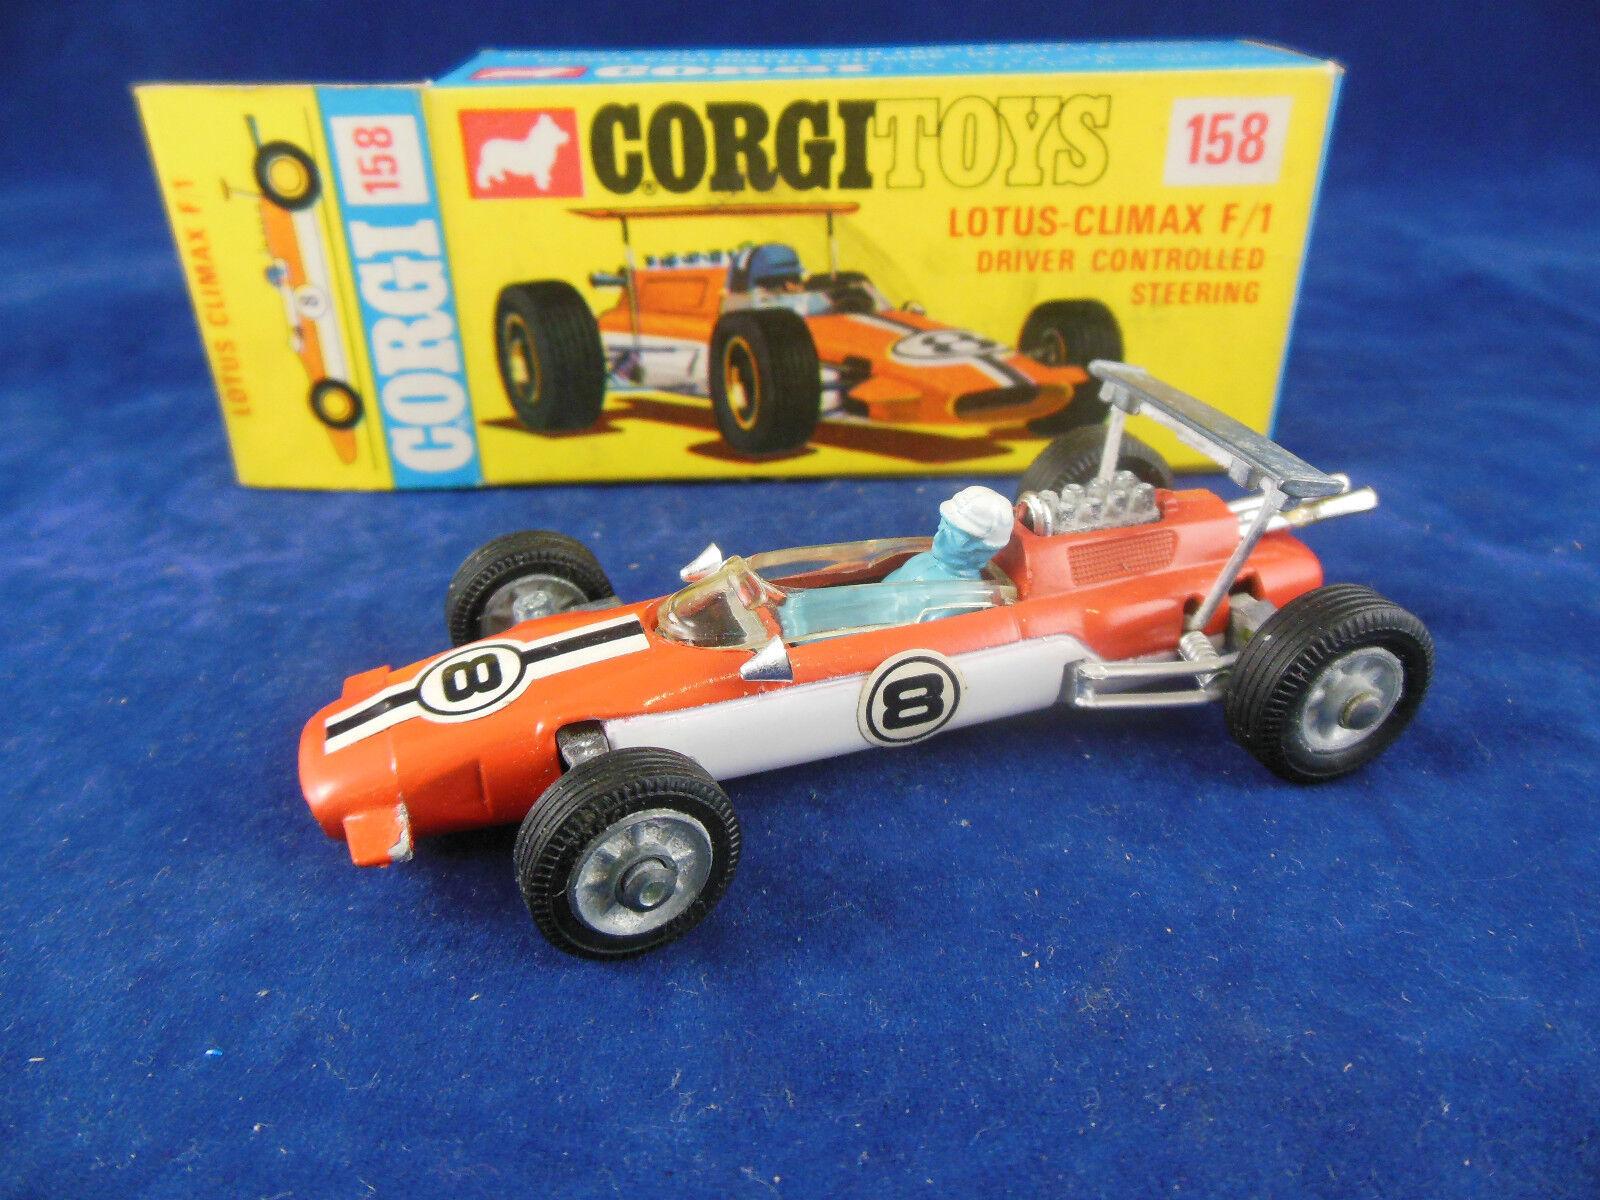 CORGI TOYS 158 LOTUS CLIMAX F 1 conducteur contrôlé Steering Near Comme neuf condition